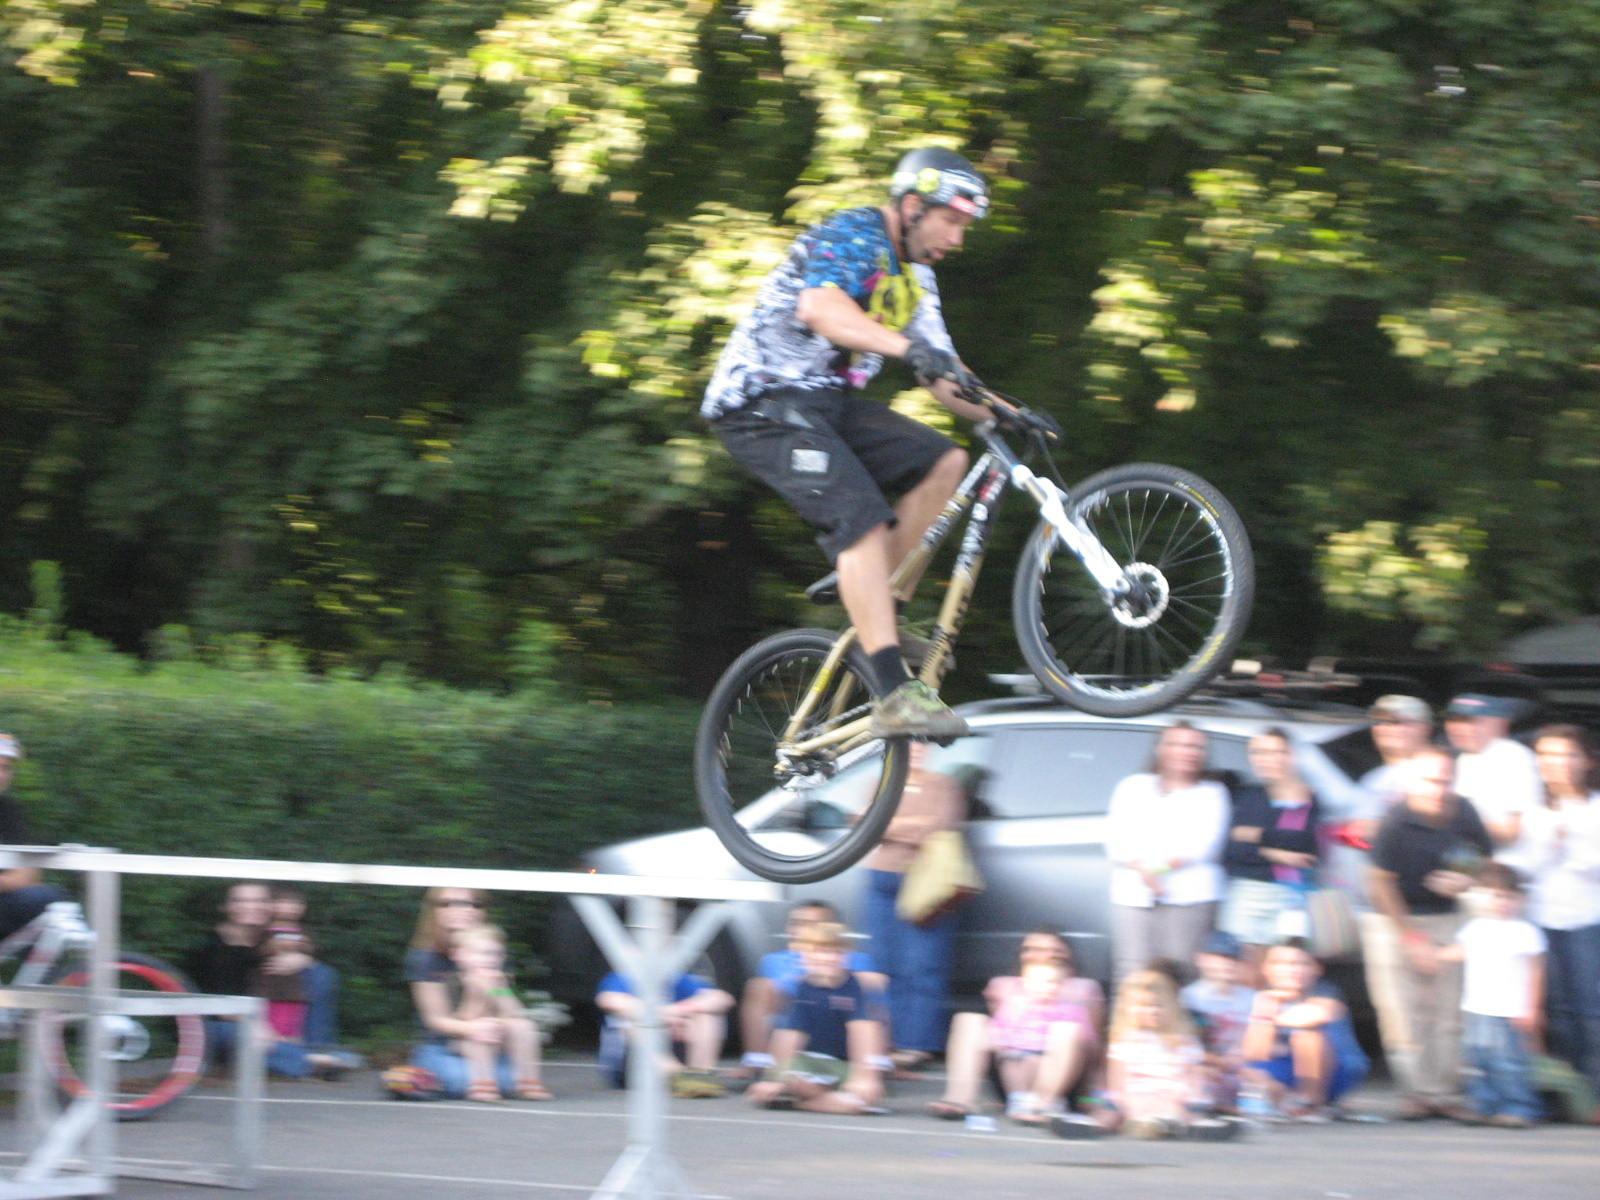 Freewheeling stunt show